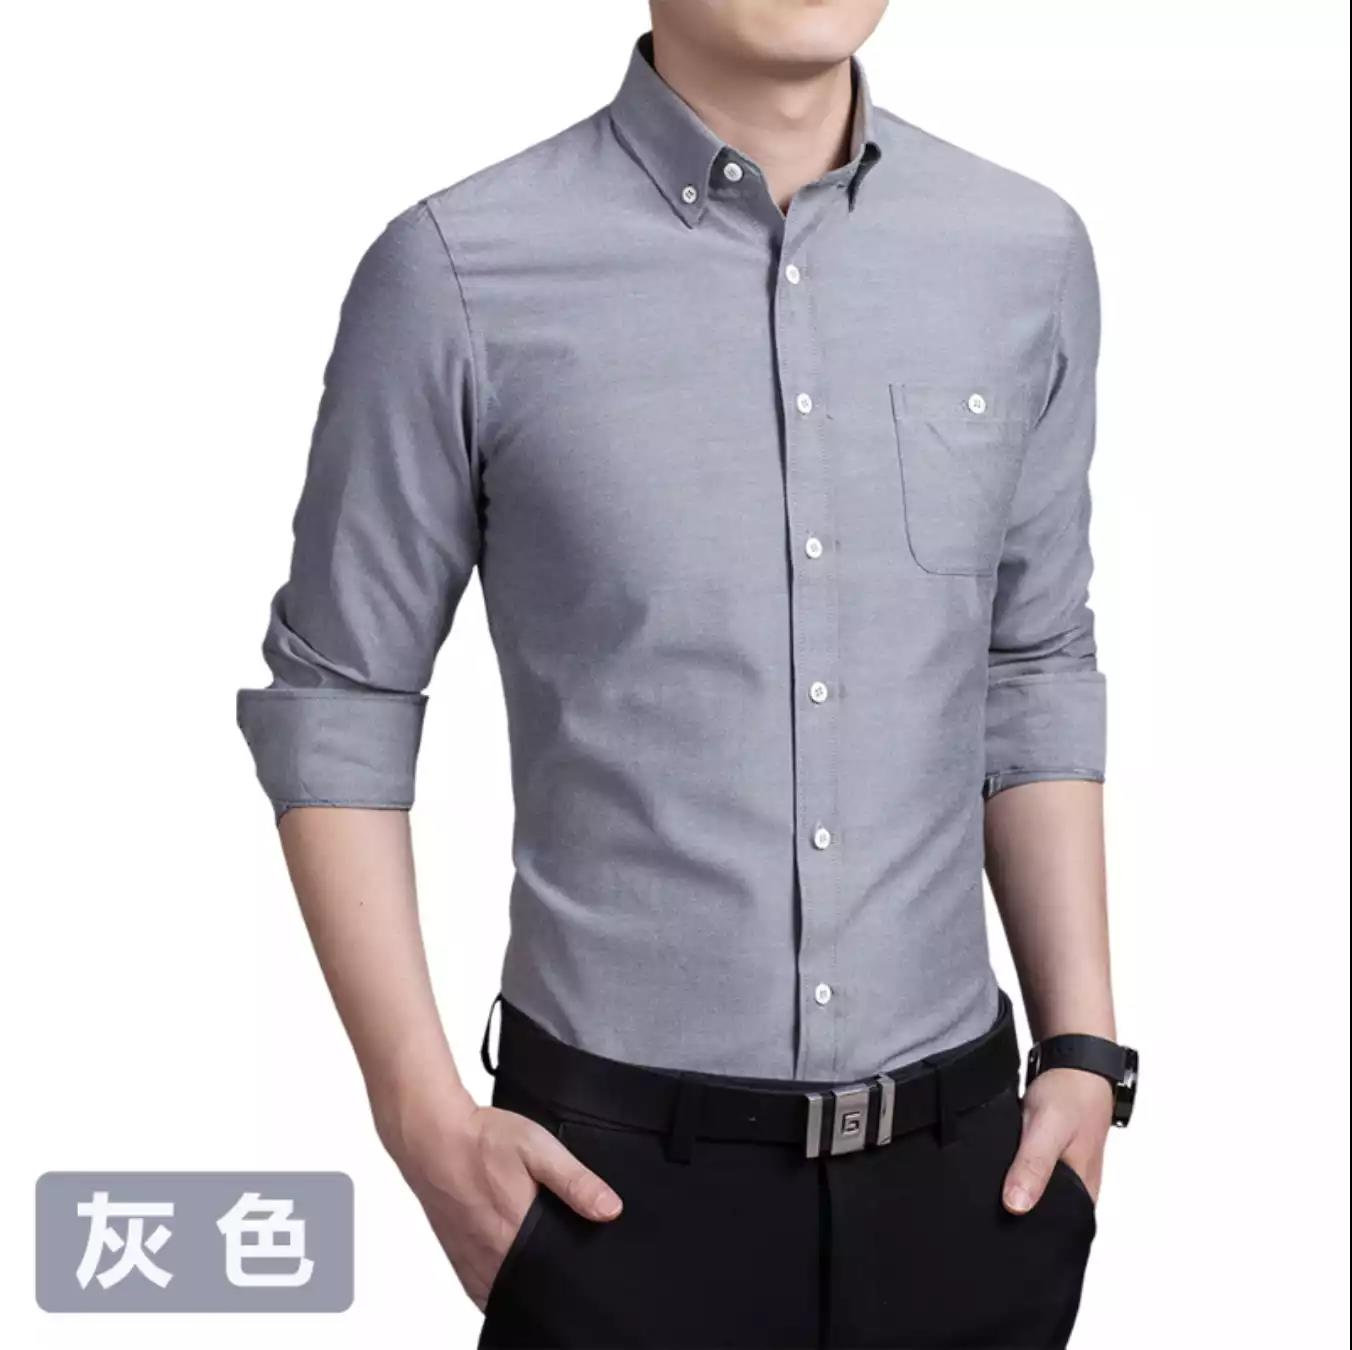 公司万博体育manbetx官网网页版高档衬衫品牌加工商务款